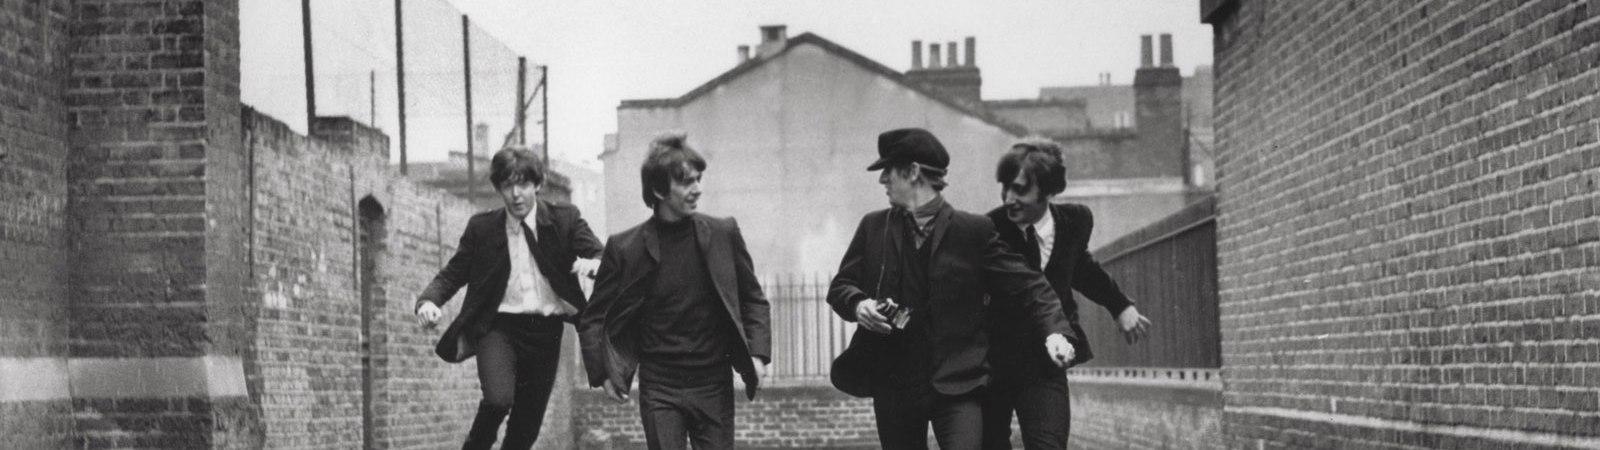 10 de julio día internacional The Beatles